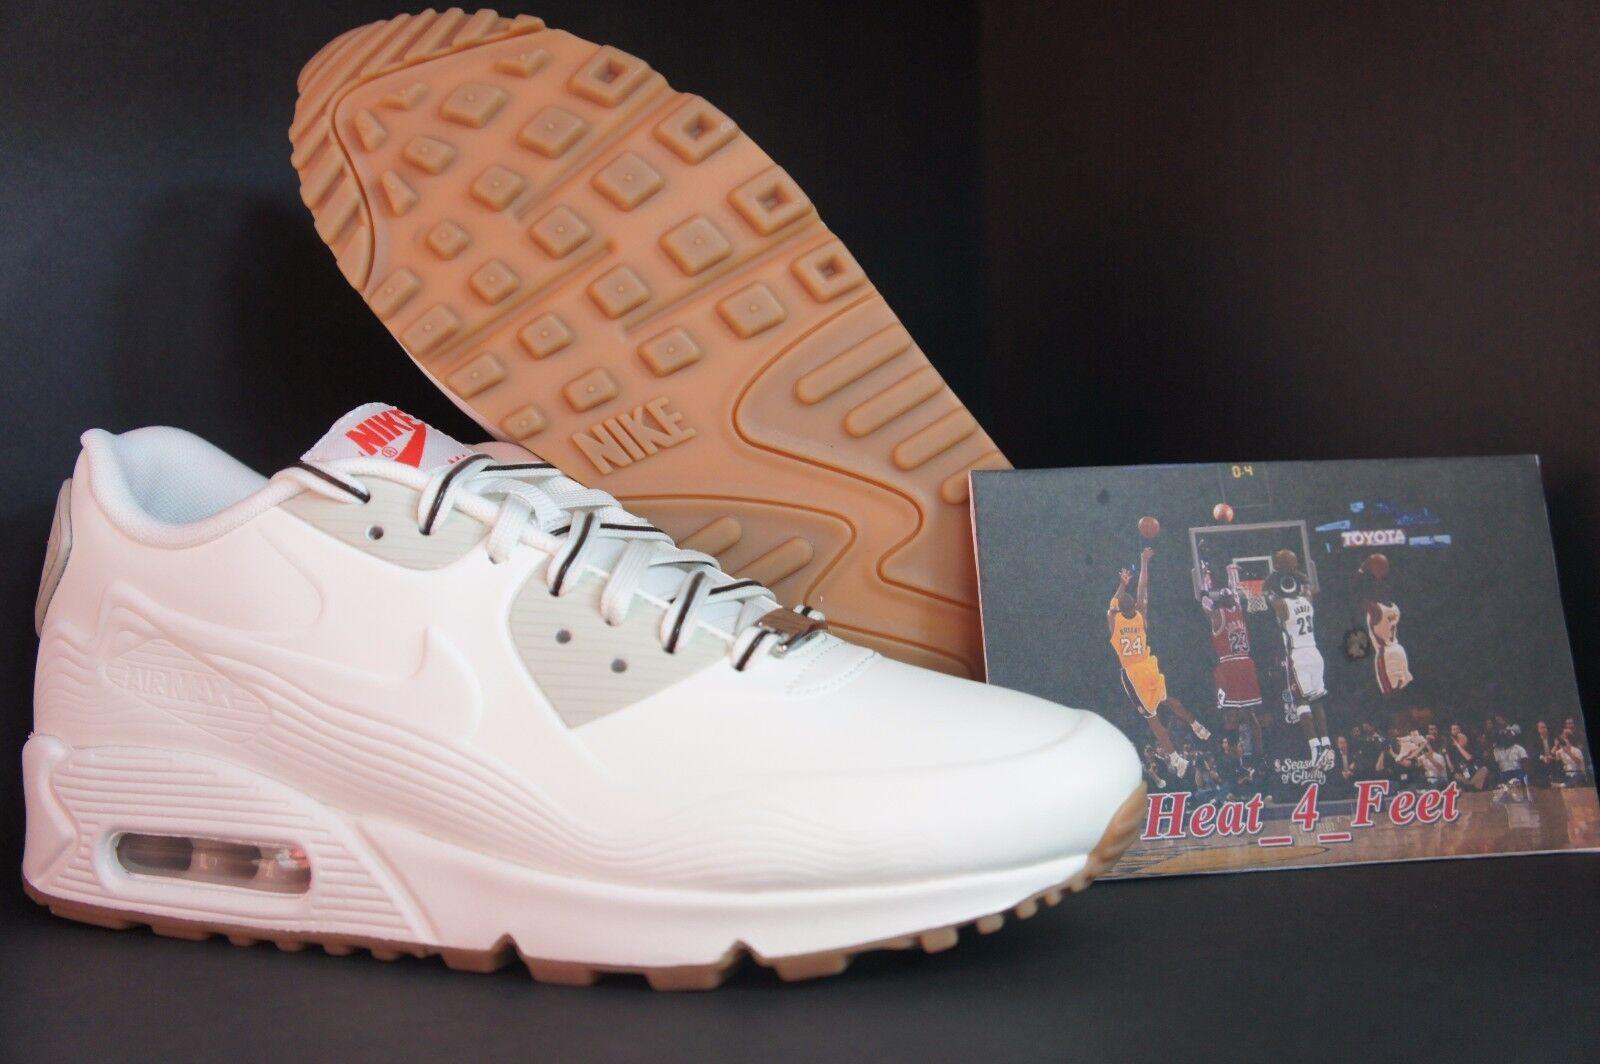 Nike Air Max 90 VT QS City Pack Tokyo White Gum Atmos Camo Safari 813153 100 White